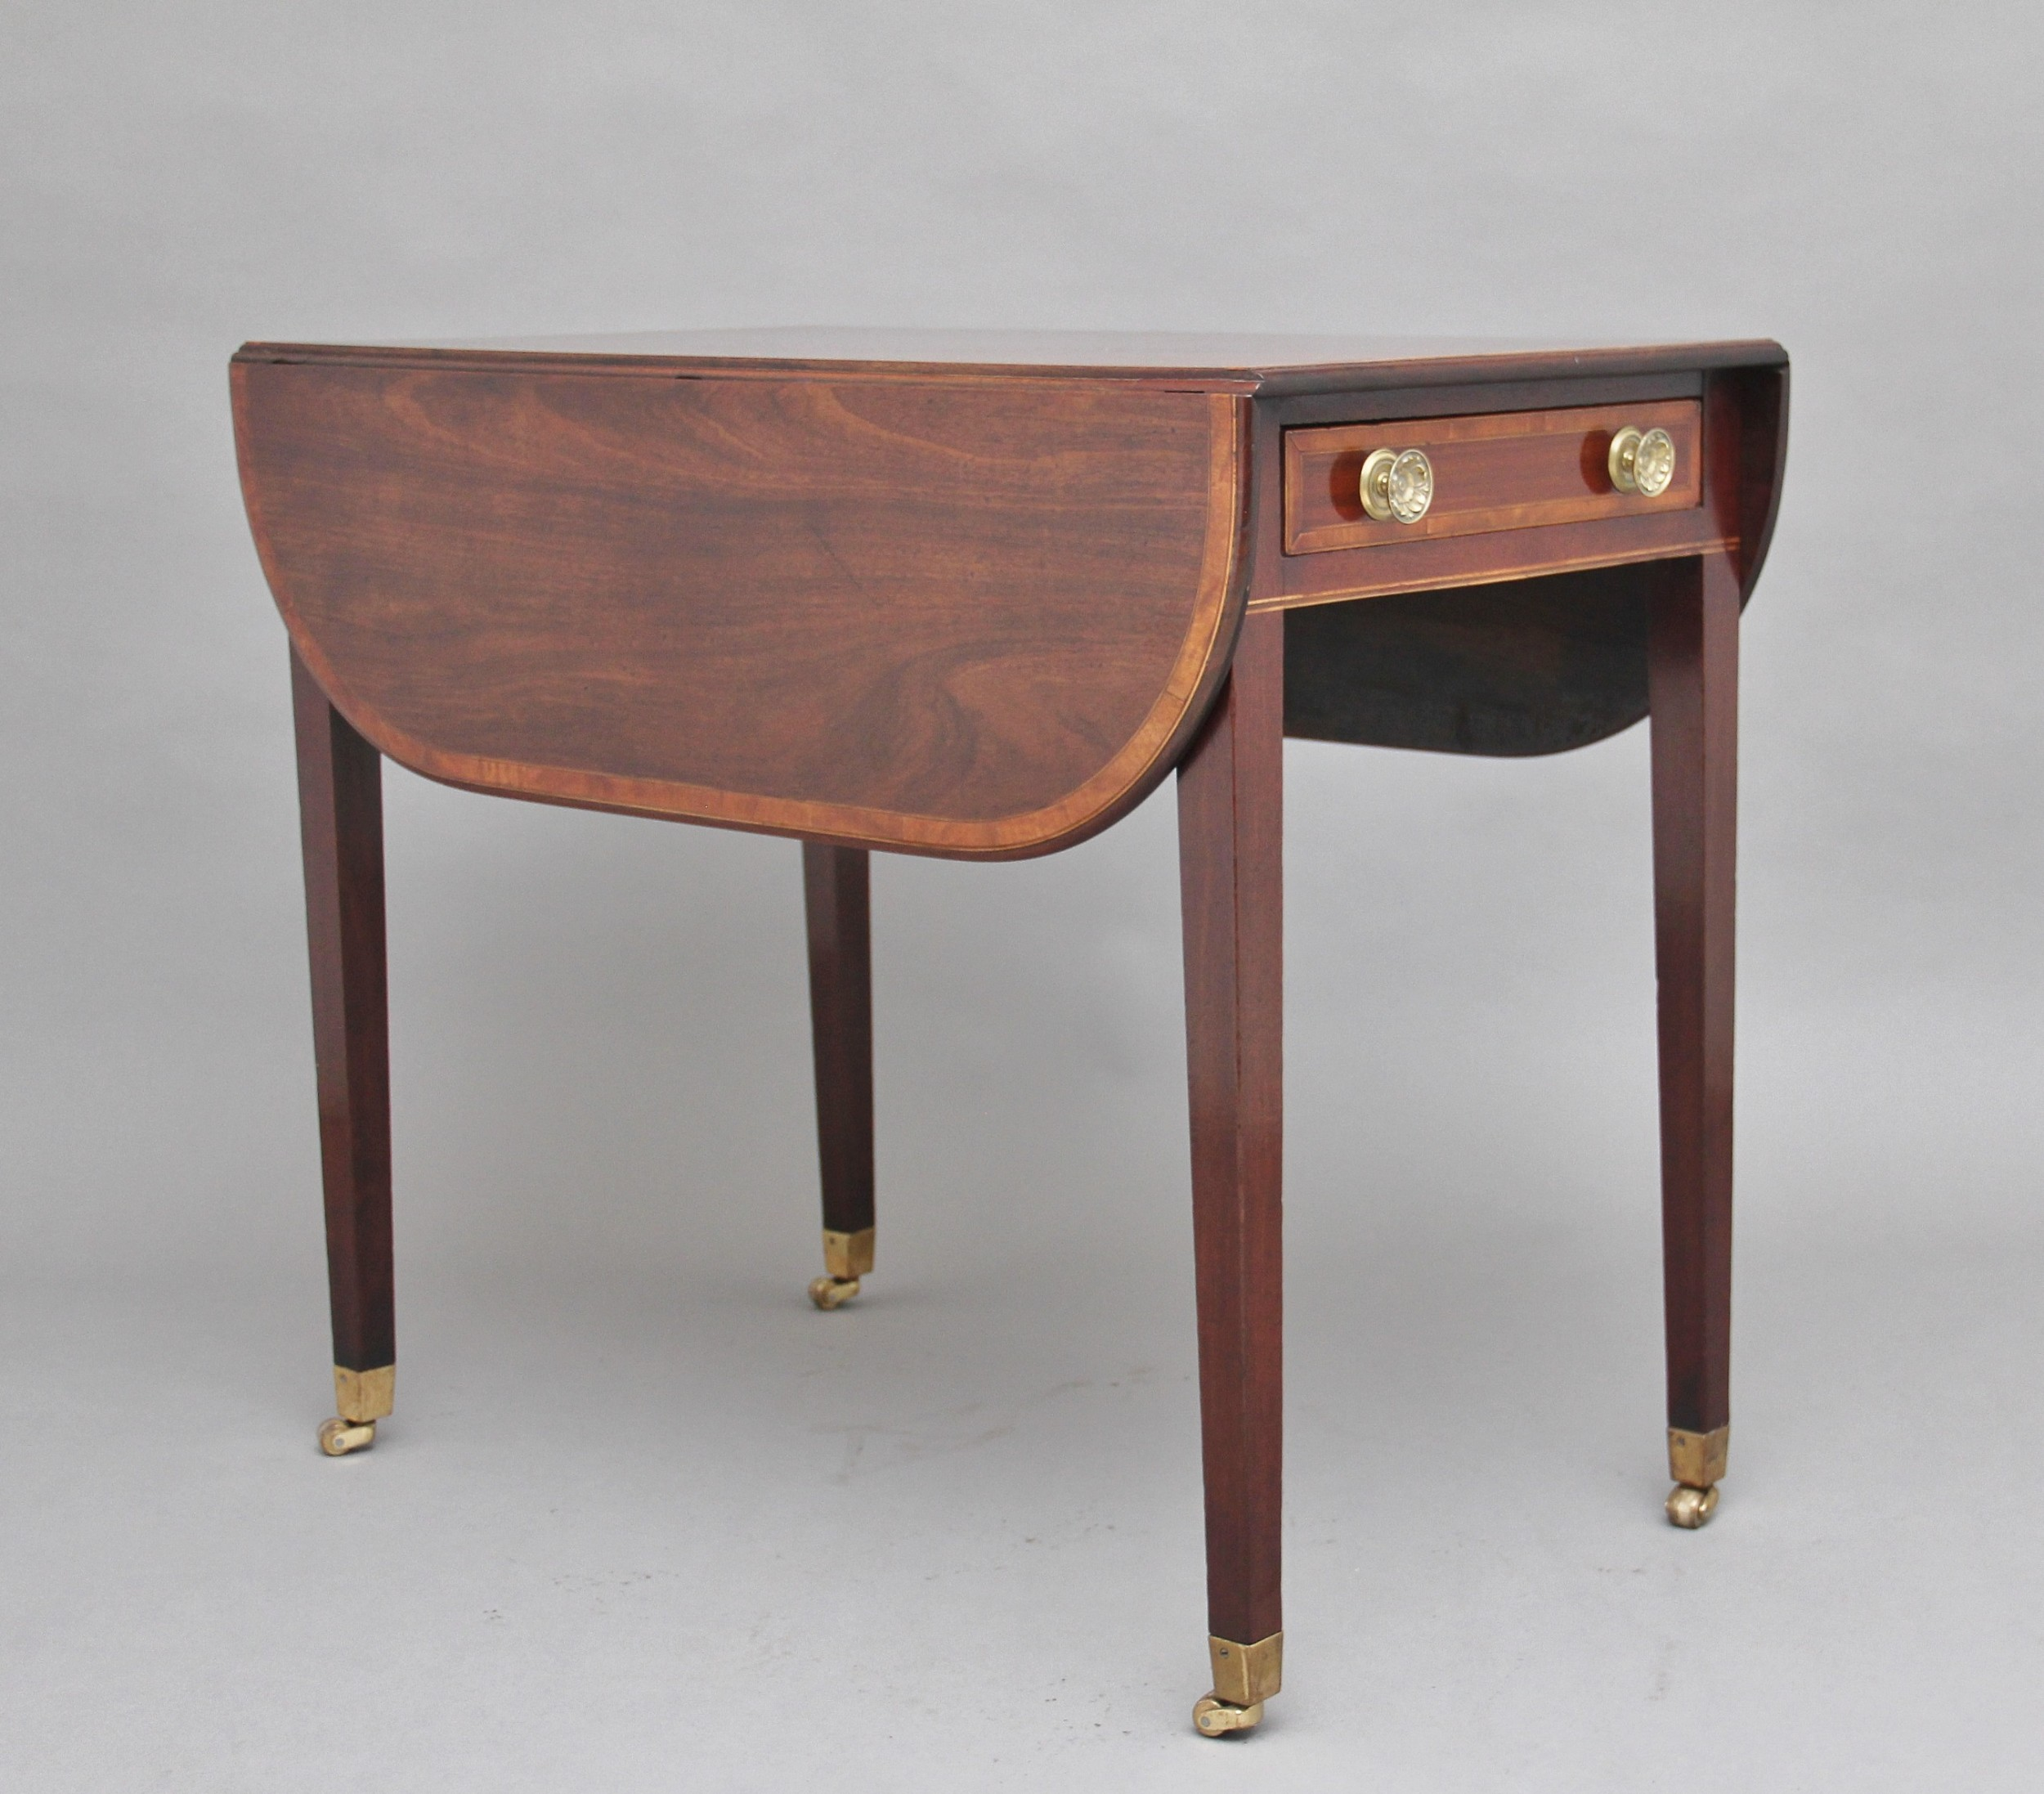 early 19th century mahogany pembroke table